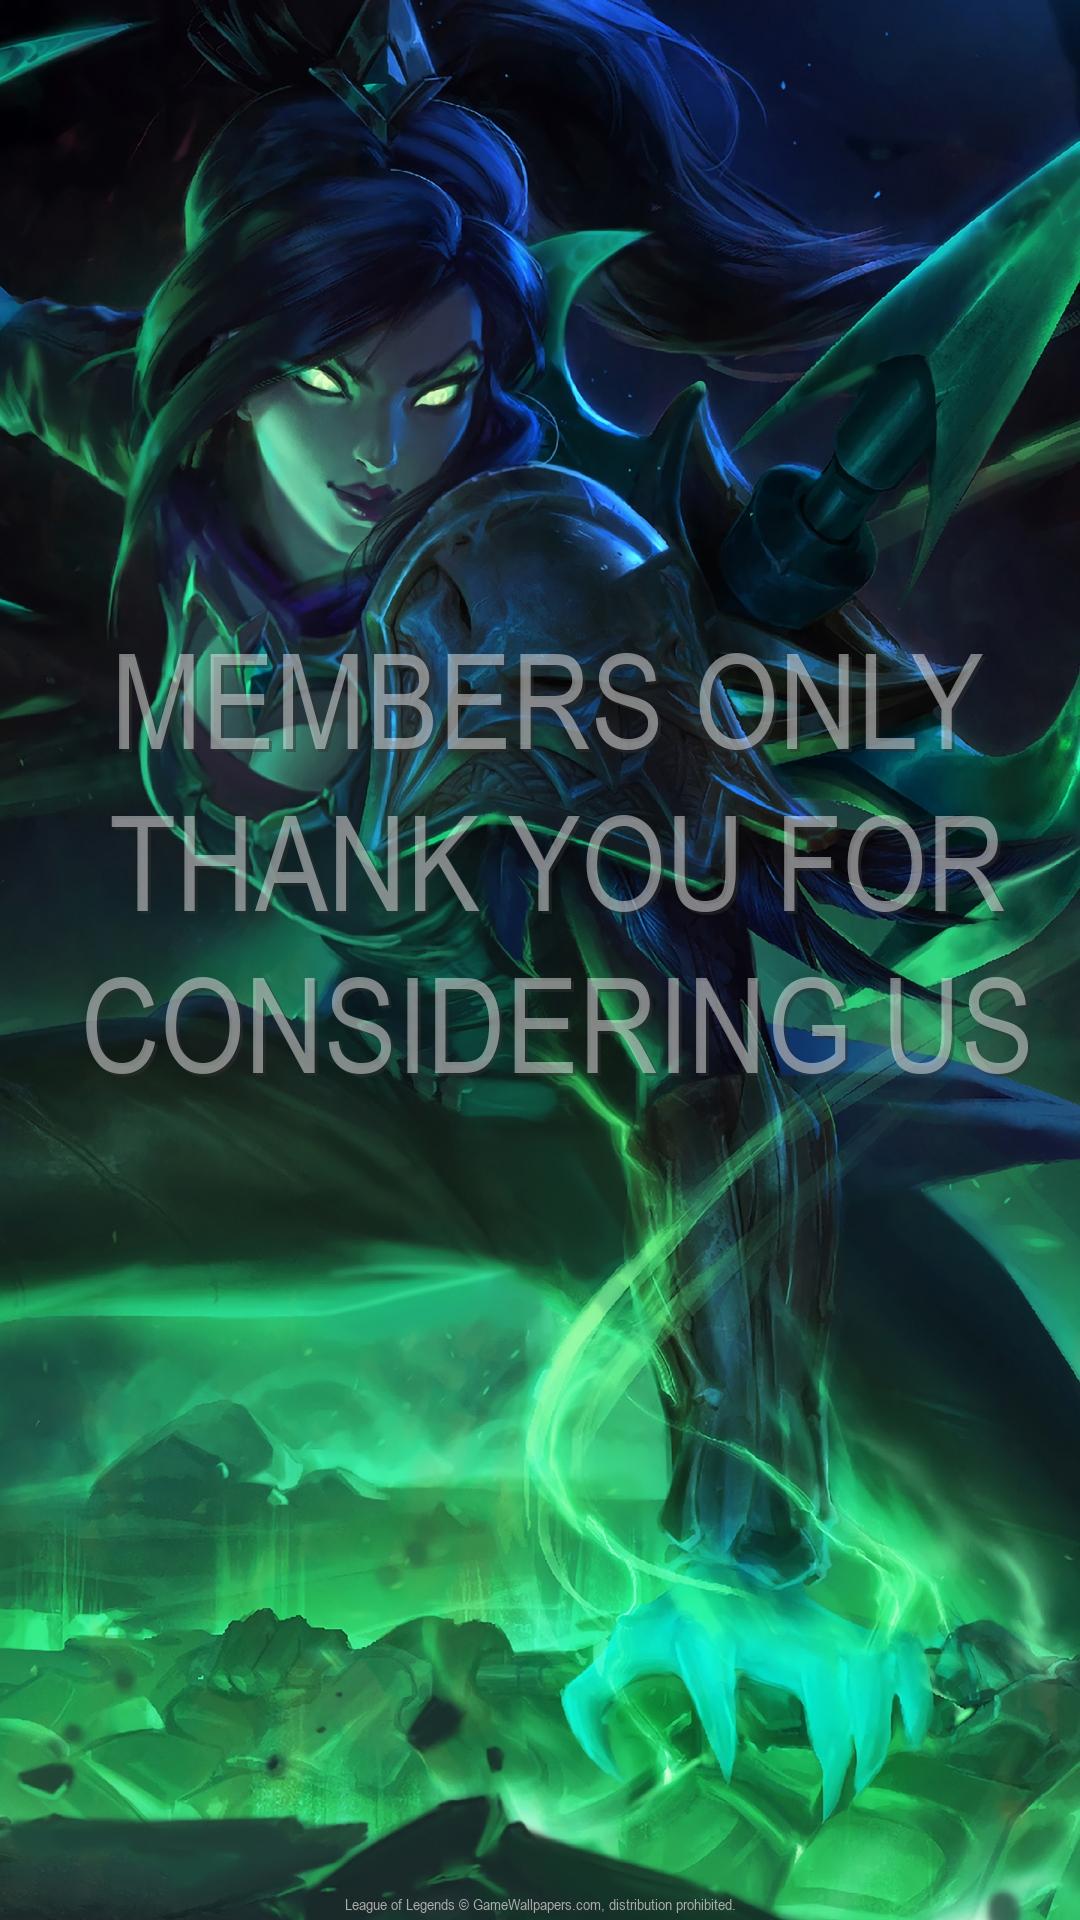 League of Legends 1920x1080 Handy Hintergrundbild 67